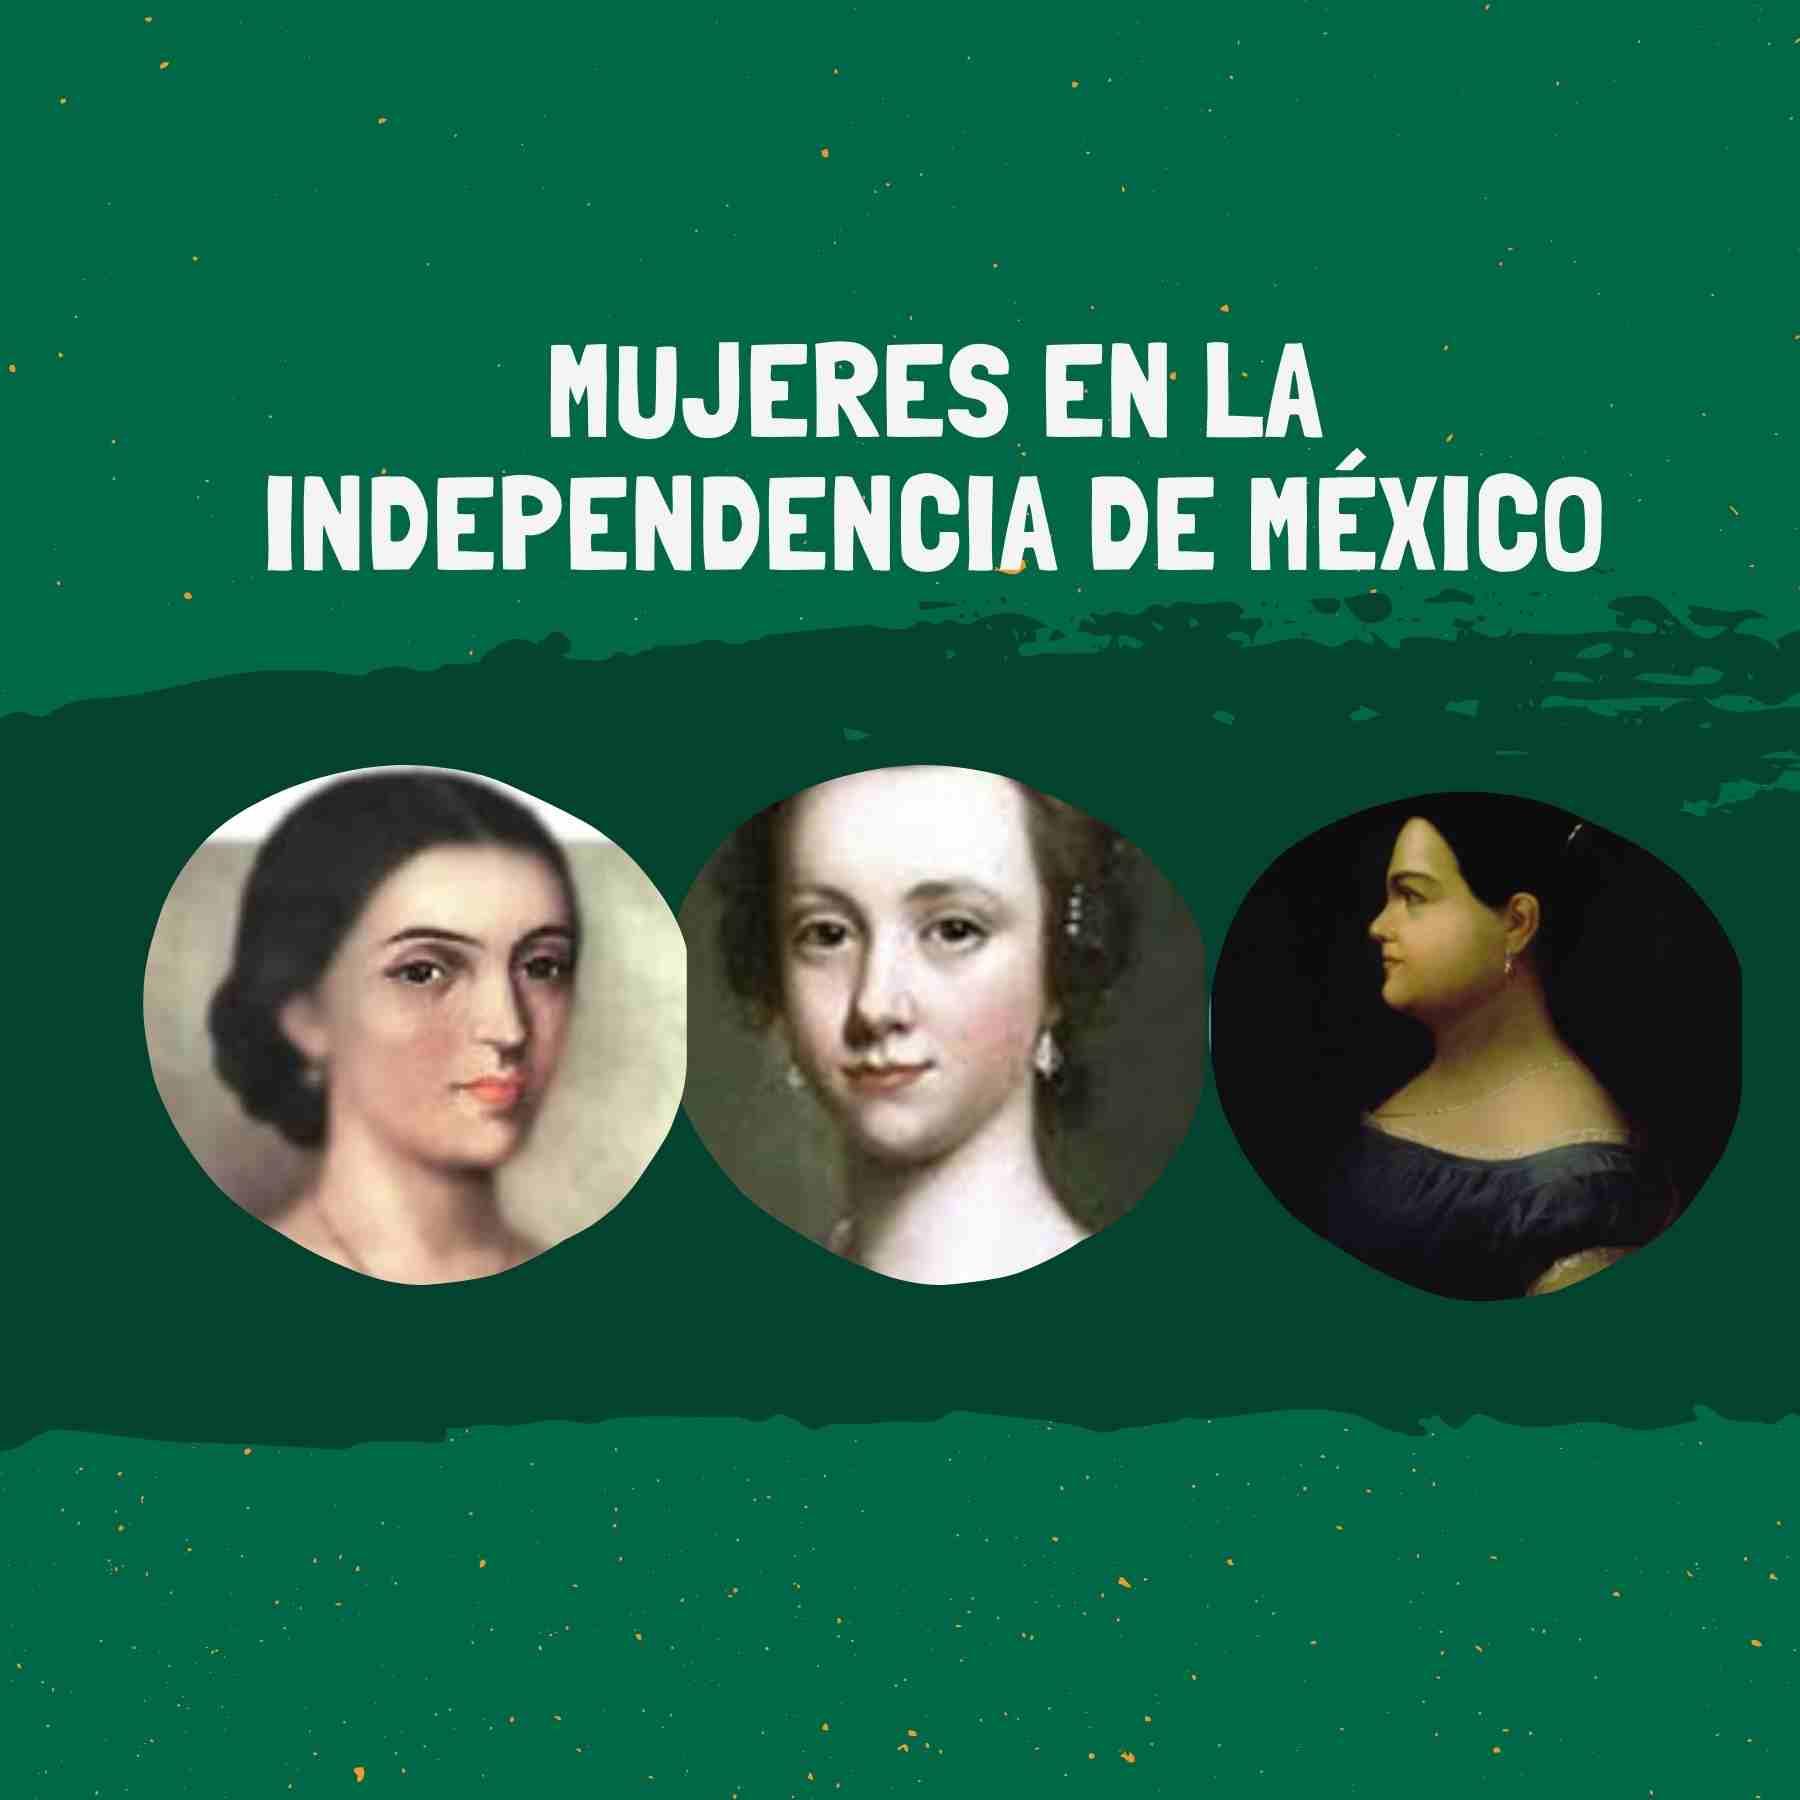 fotografía ilustrativa sobre mujeres en la independencia de México.